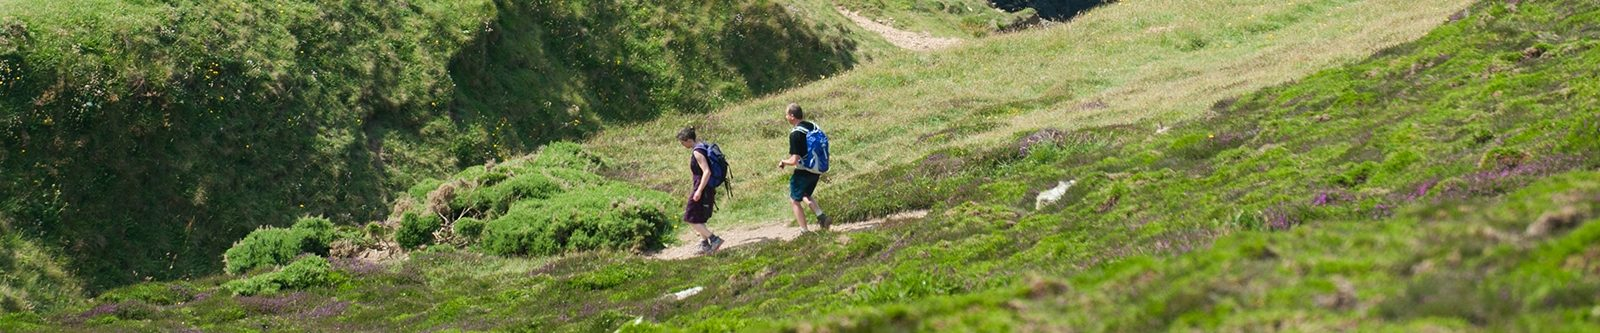 walkers in Cornwall